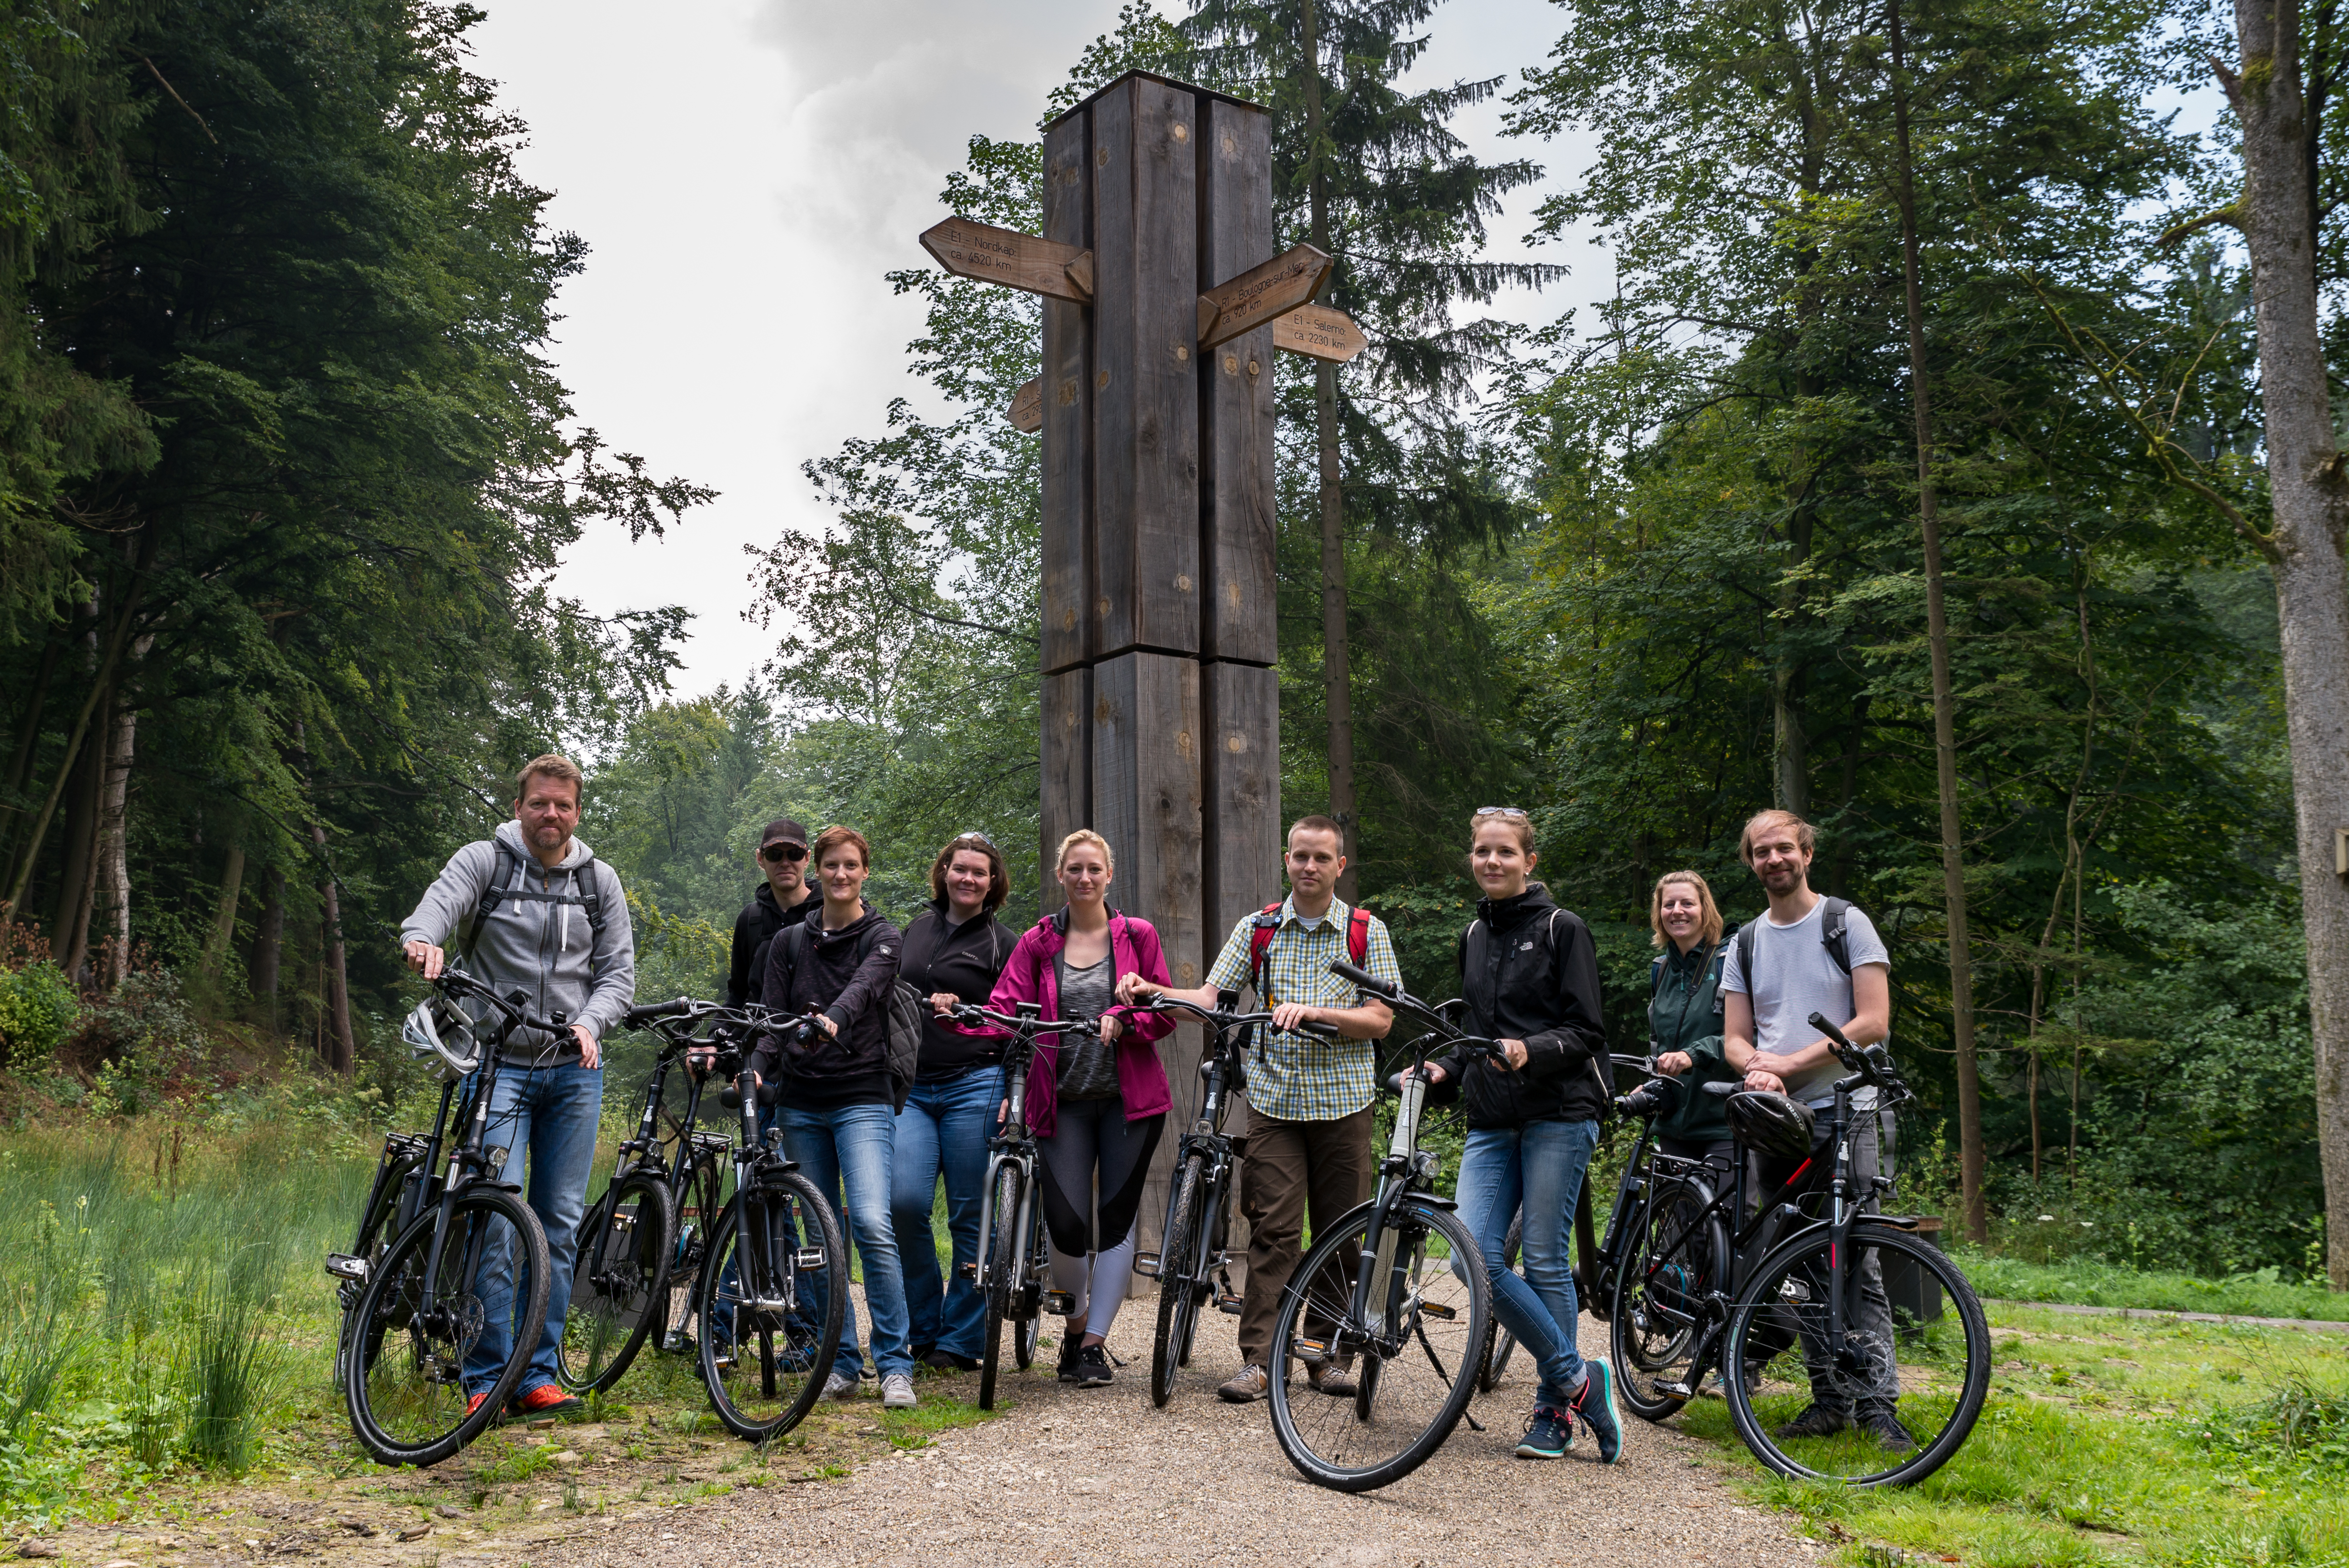 Reiseblogger am Wegekreuz von E1 und R1  [Foto: Sandra Riegel Photography]